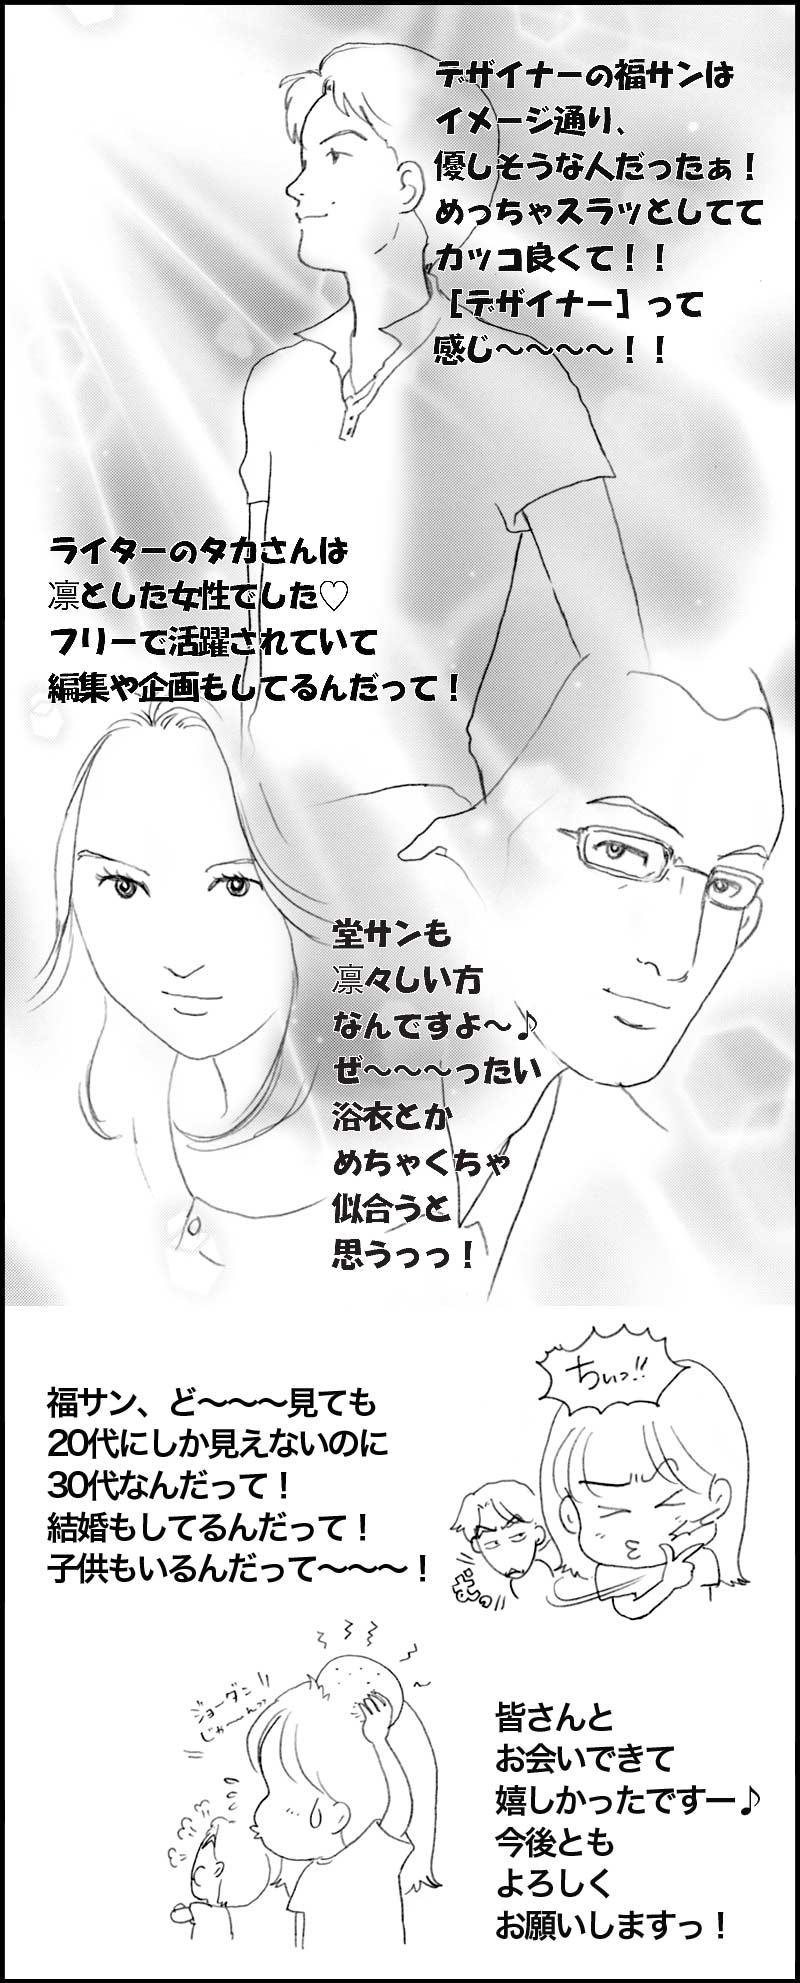 BOSCH漫画〜第1部 初のご対面〜_f0119369_13532677.jpg